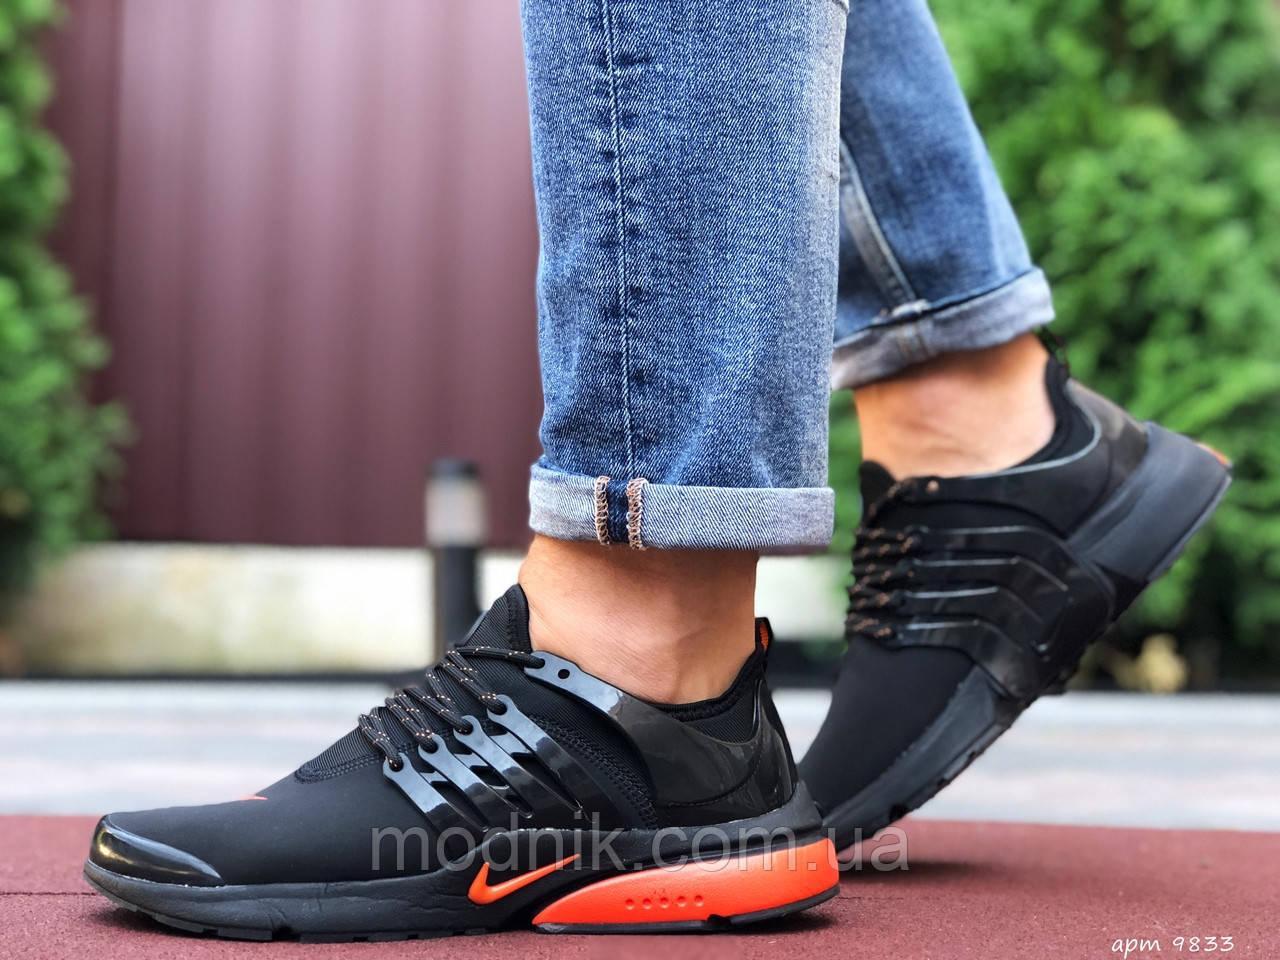 Мужские кроссовки Niке Air Presto (черно-оранжевые) 9833